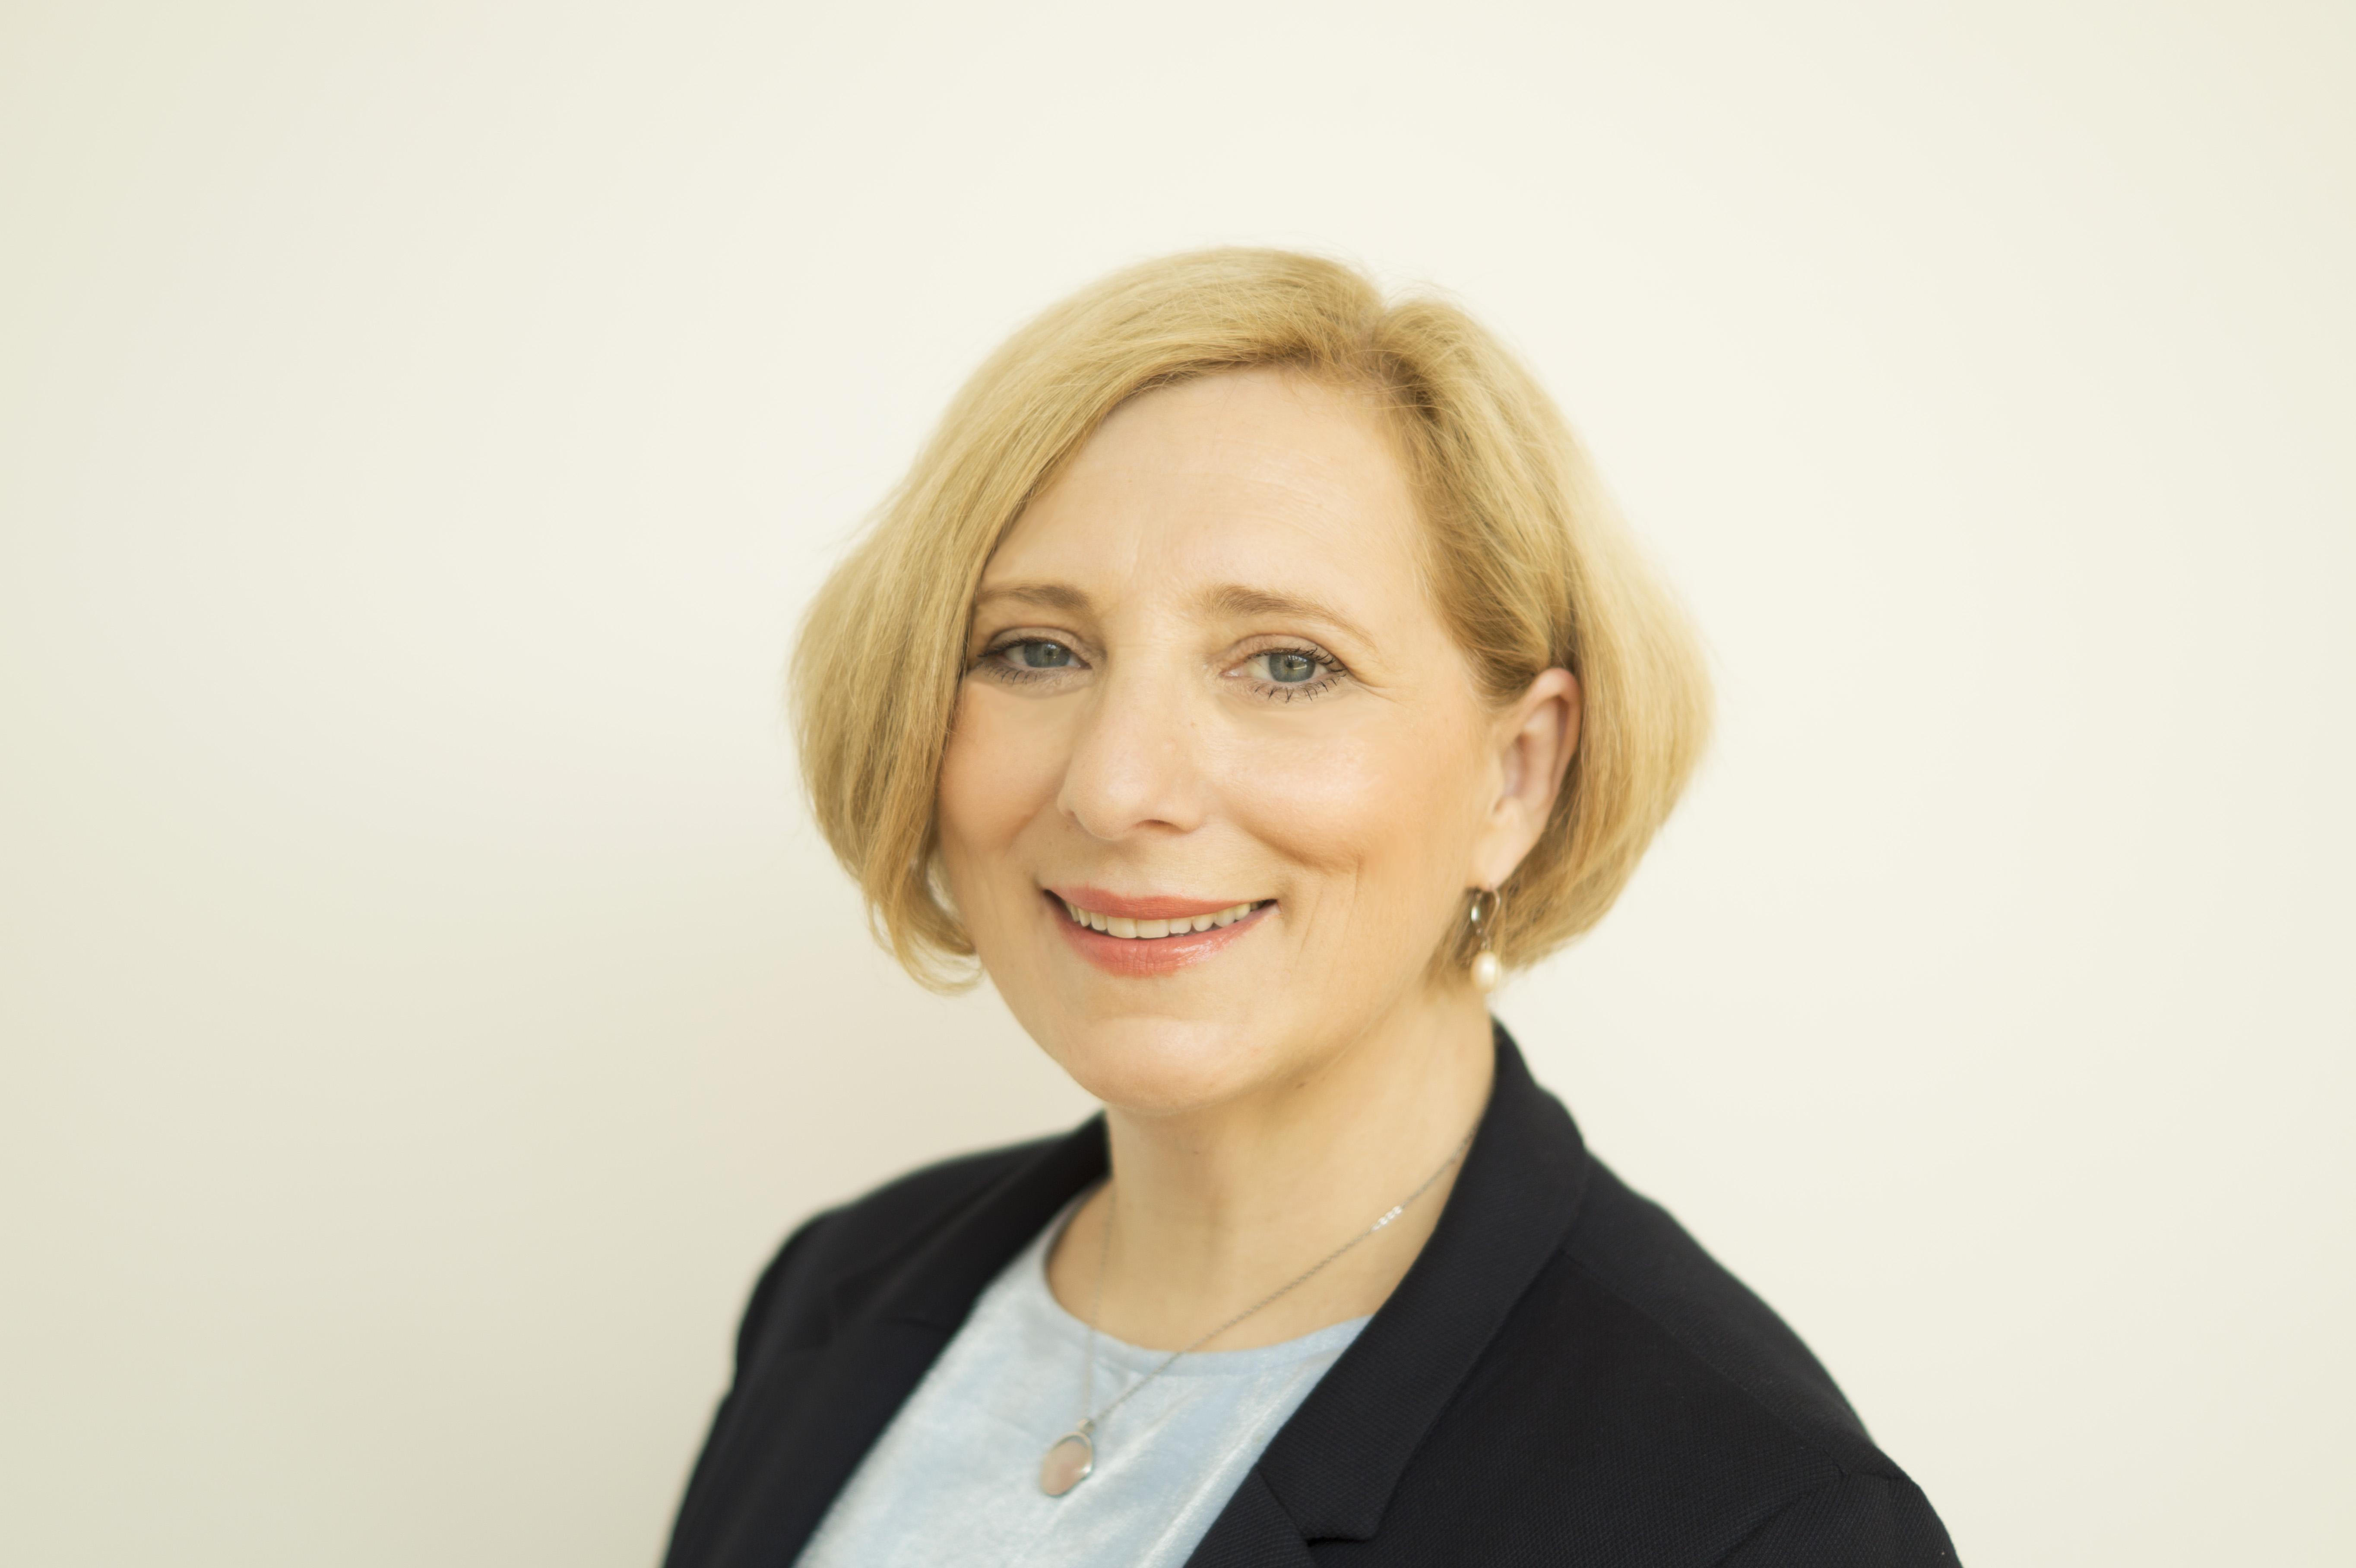 SPD-Bundestagsabgeordnete Dr. Daniela De Ridder sieht wichtigen Fortschritt in Wohnrauminitiative der Koalition